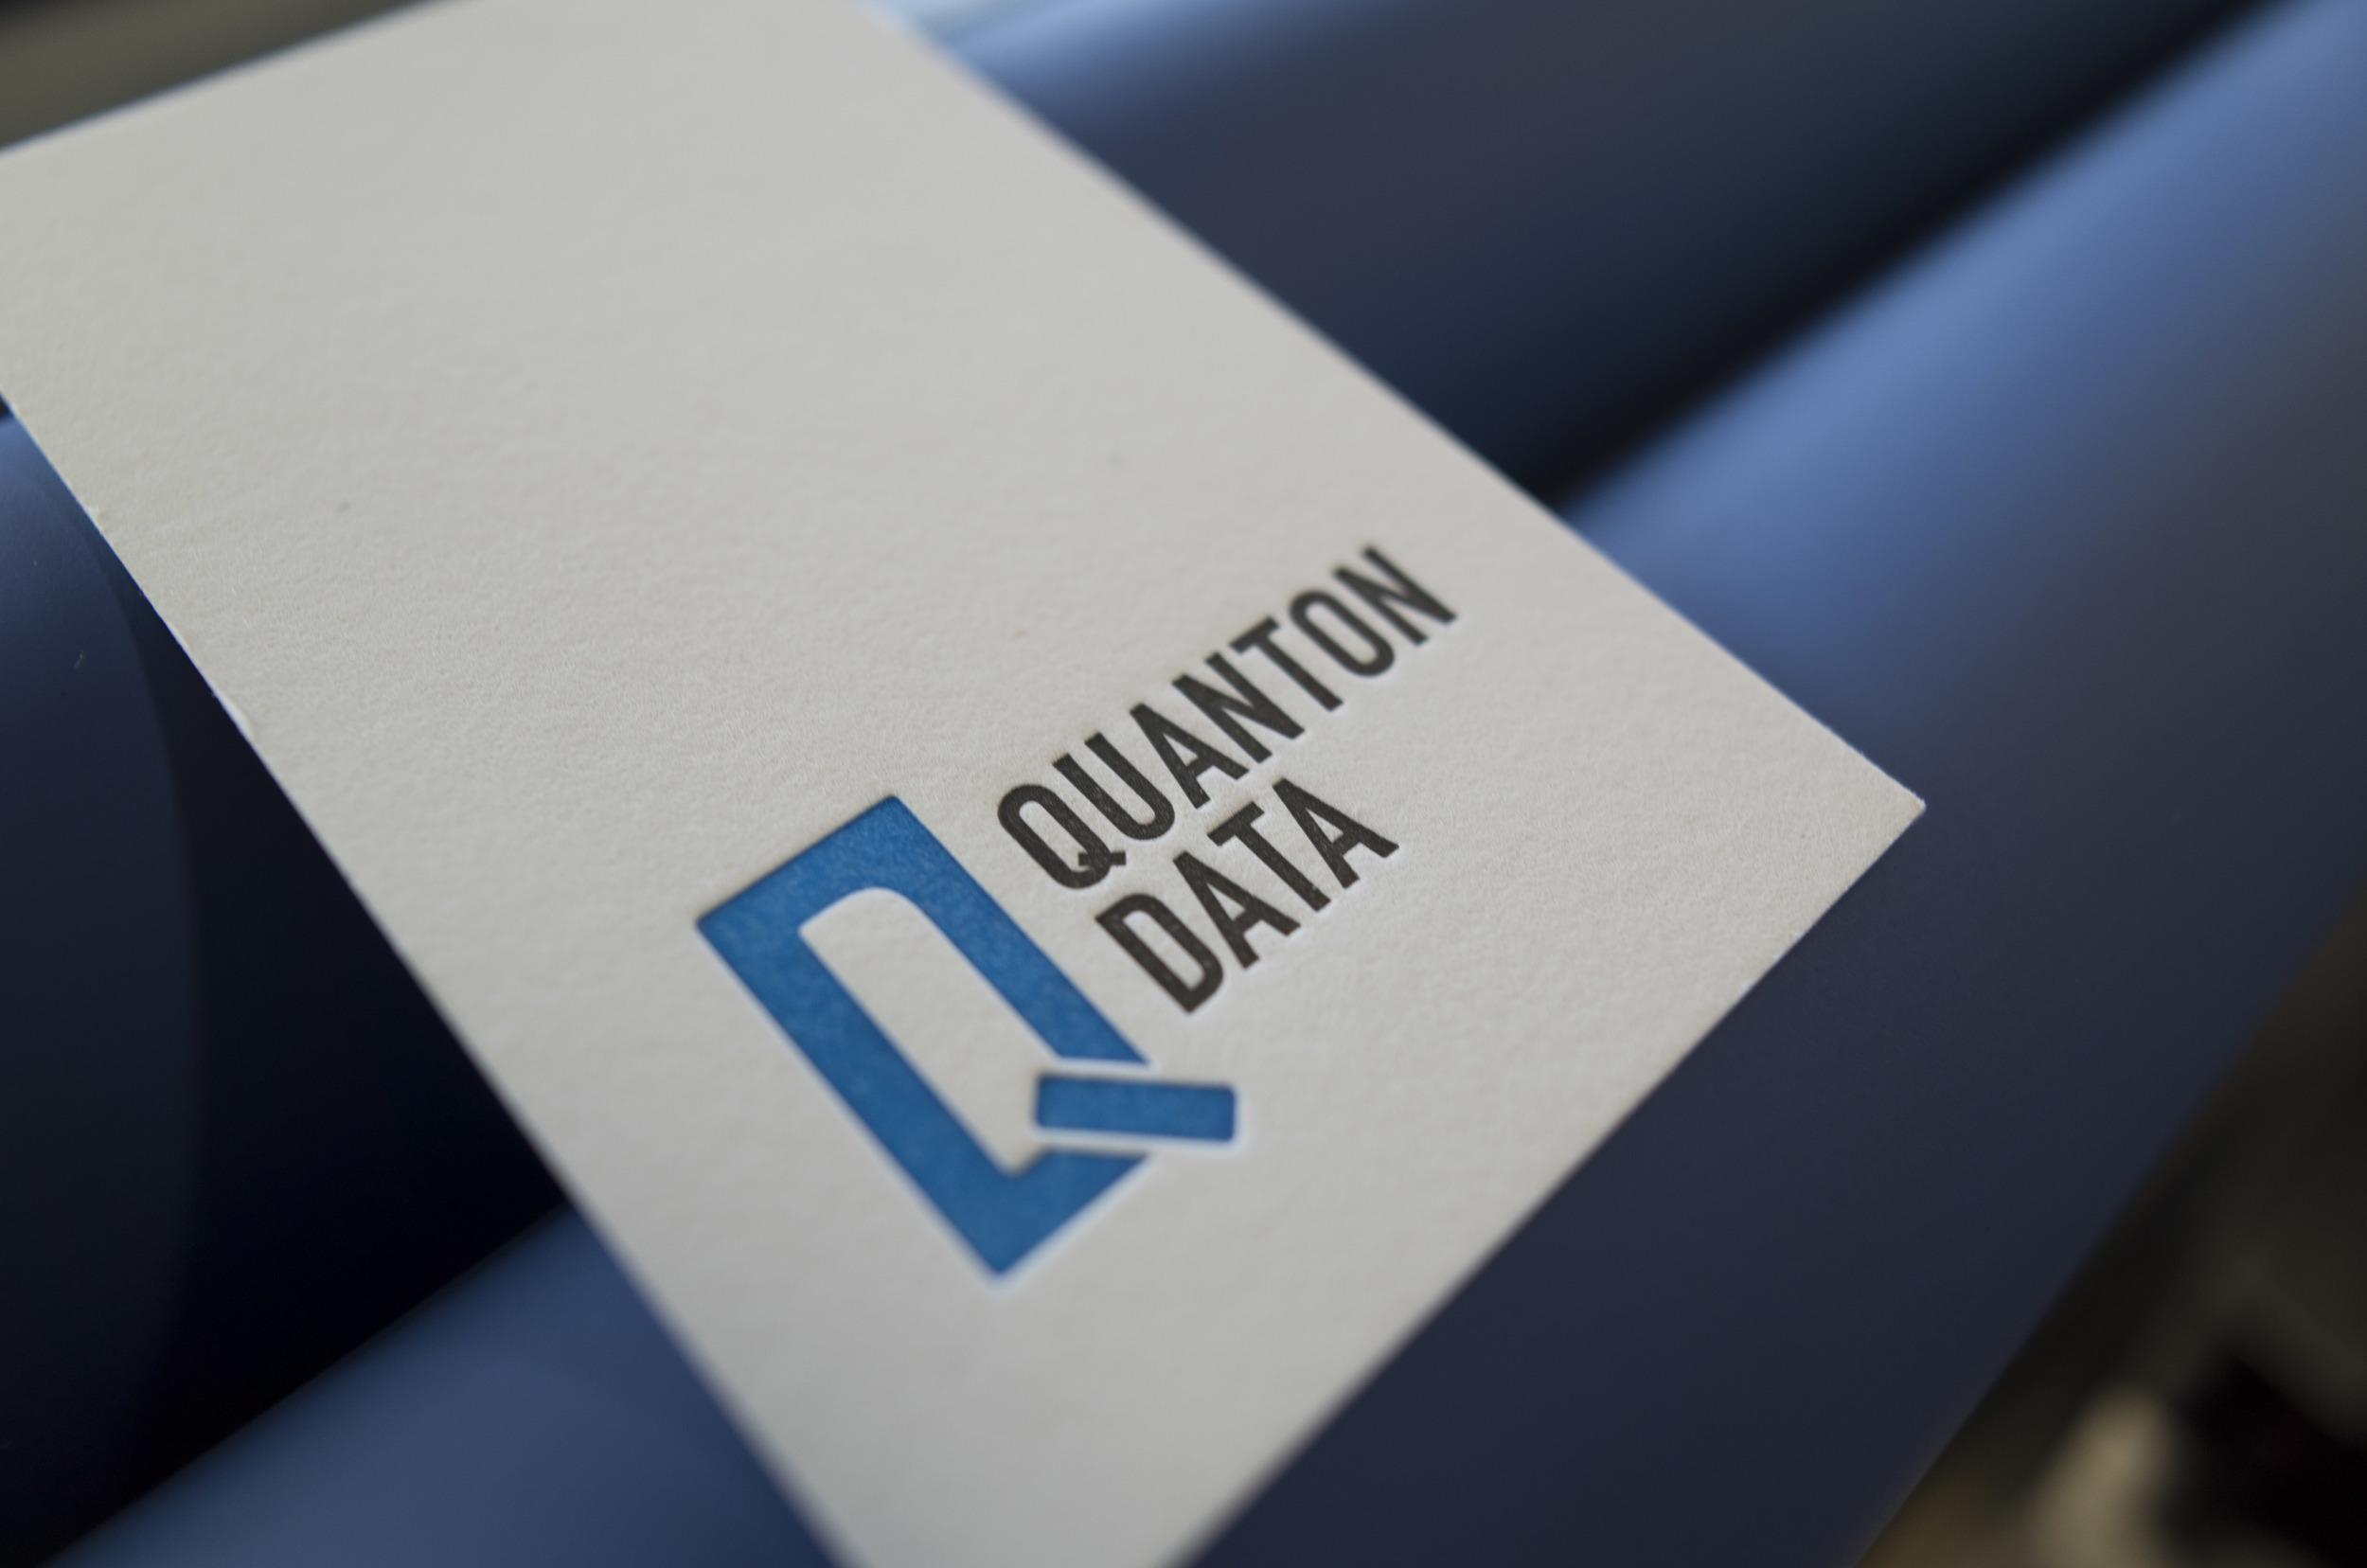 Quanton Data.jpg